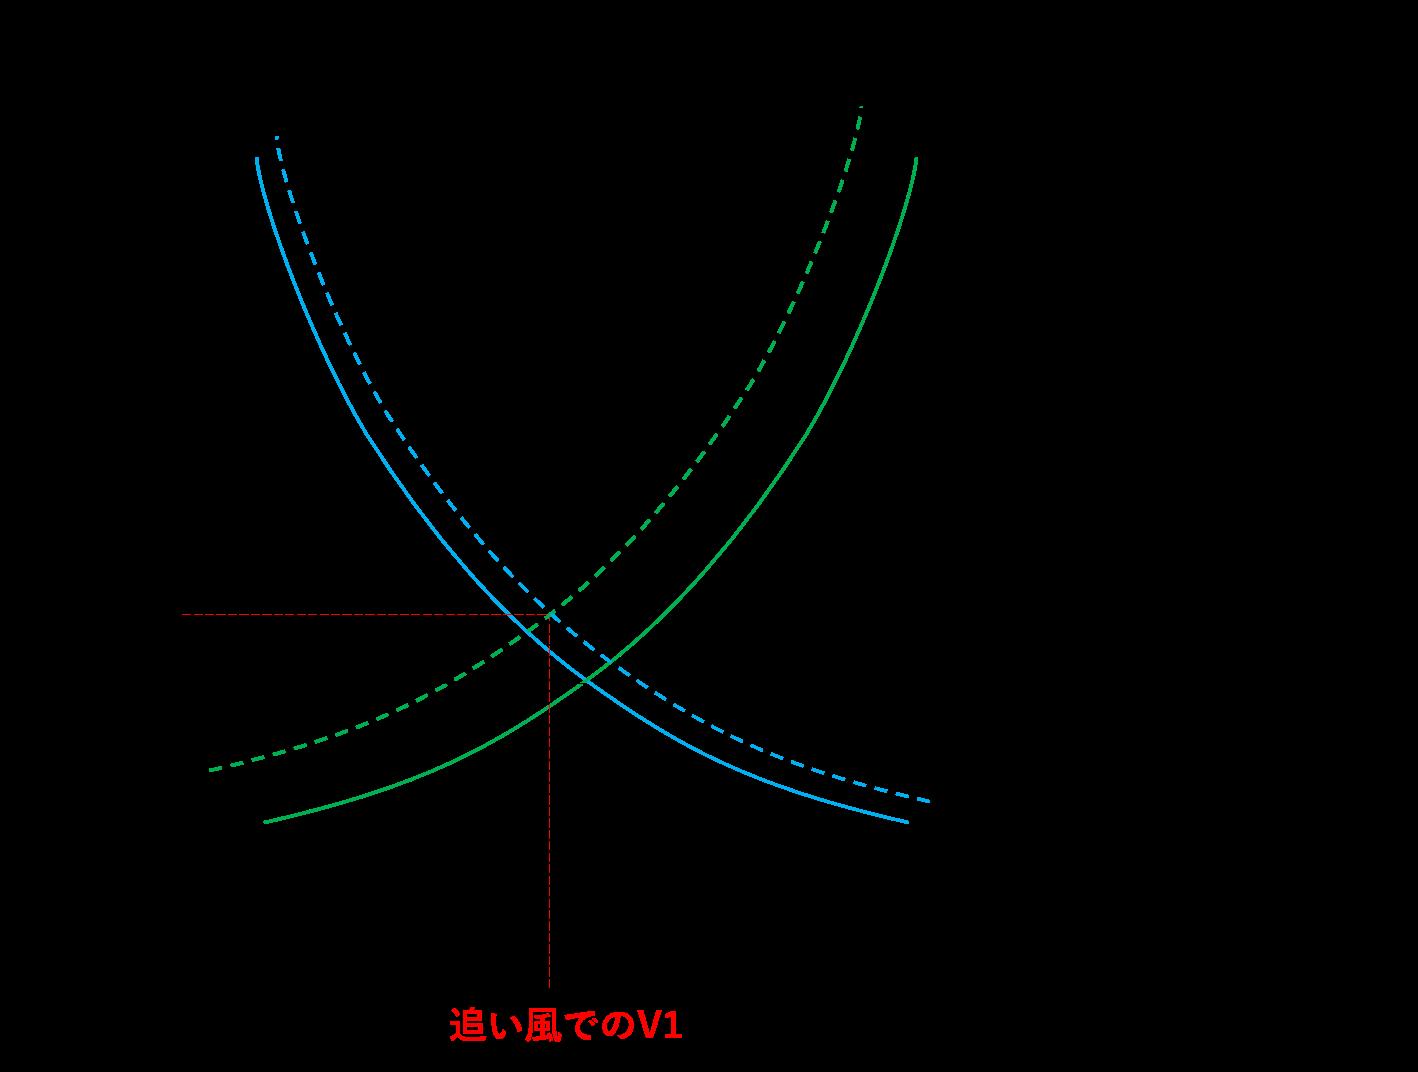 追い風の場合のグラフ